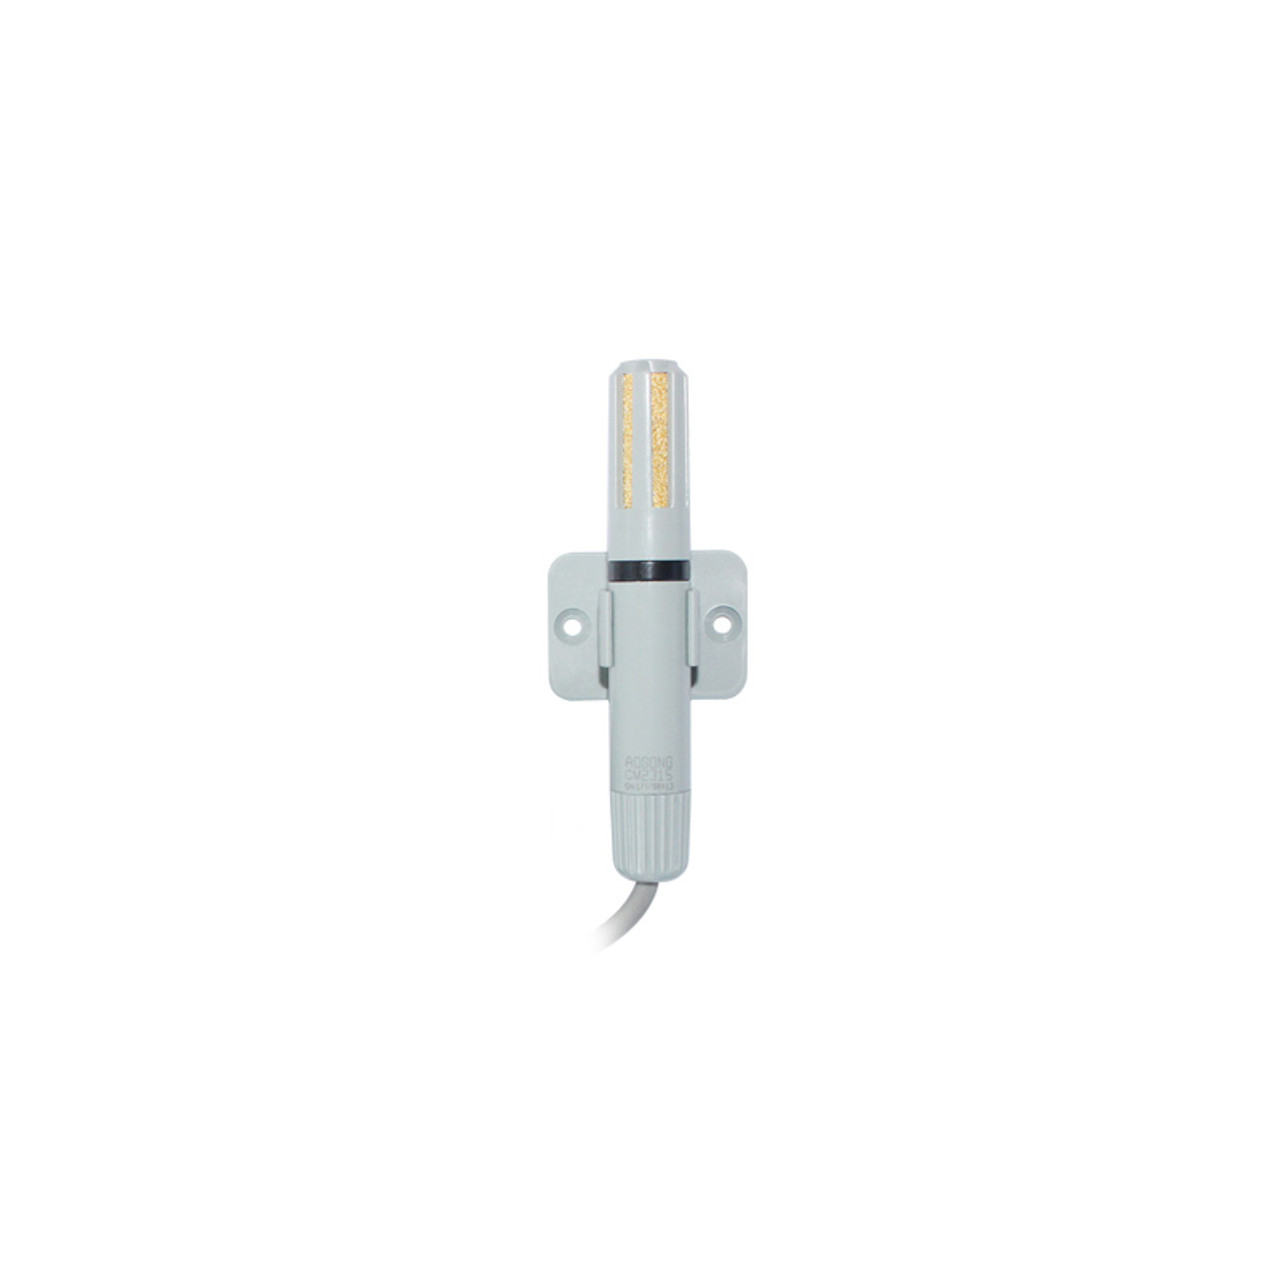 AM2315 - CM2315 Temperature And Humidity Sensor